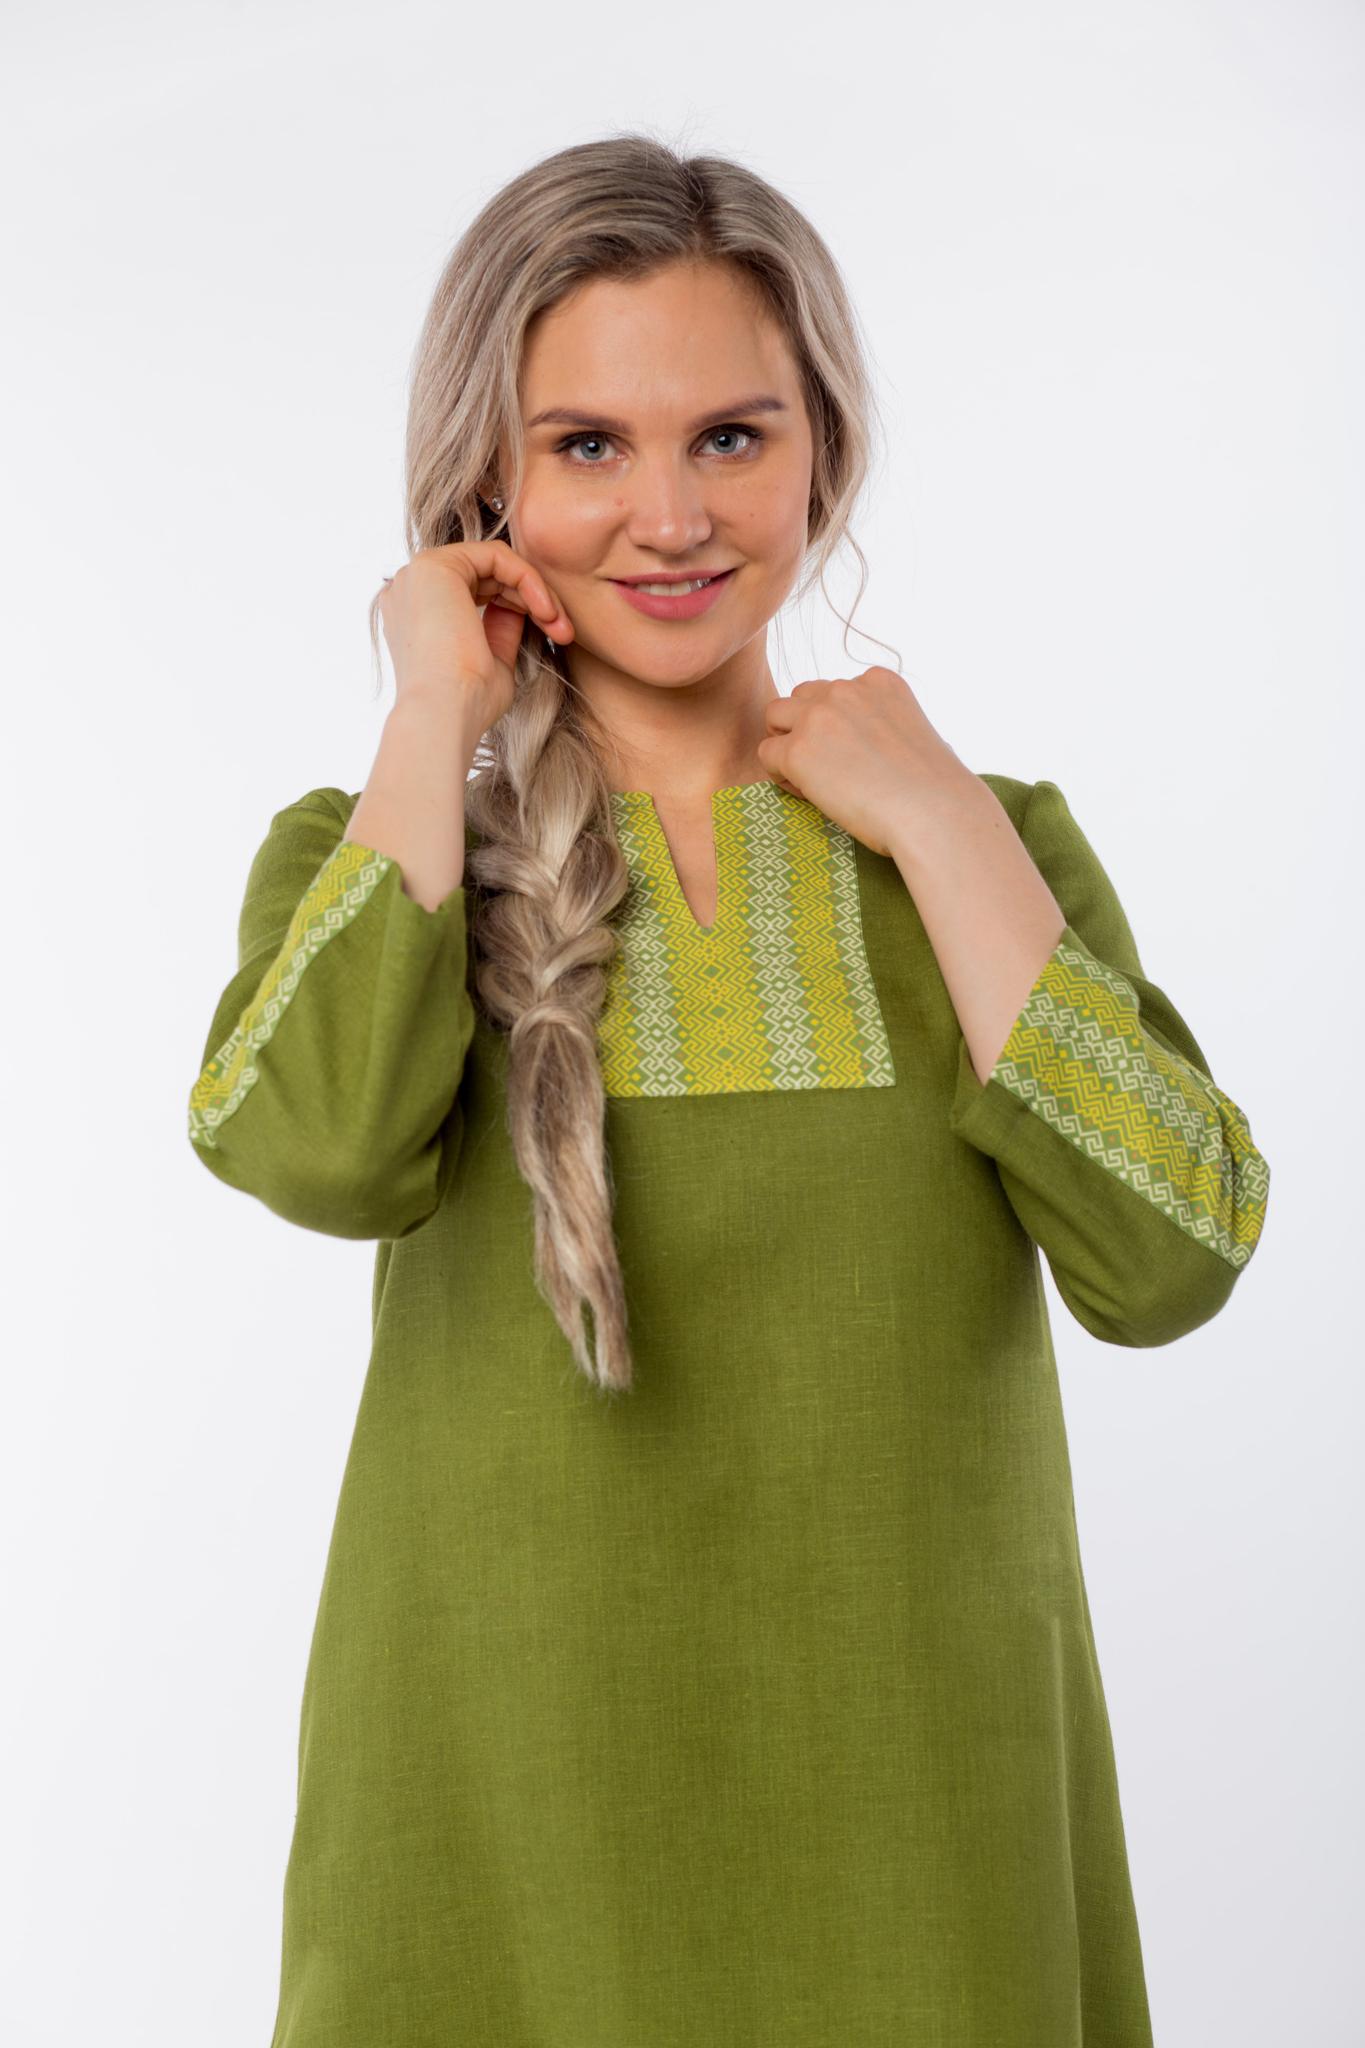 Платье льняное Розмарин приближенный фрагмент